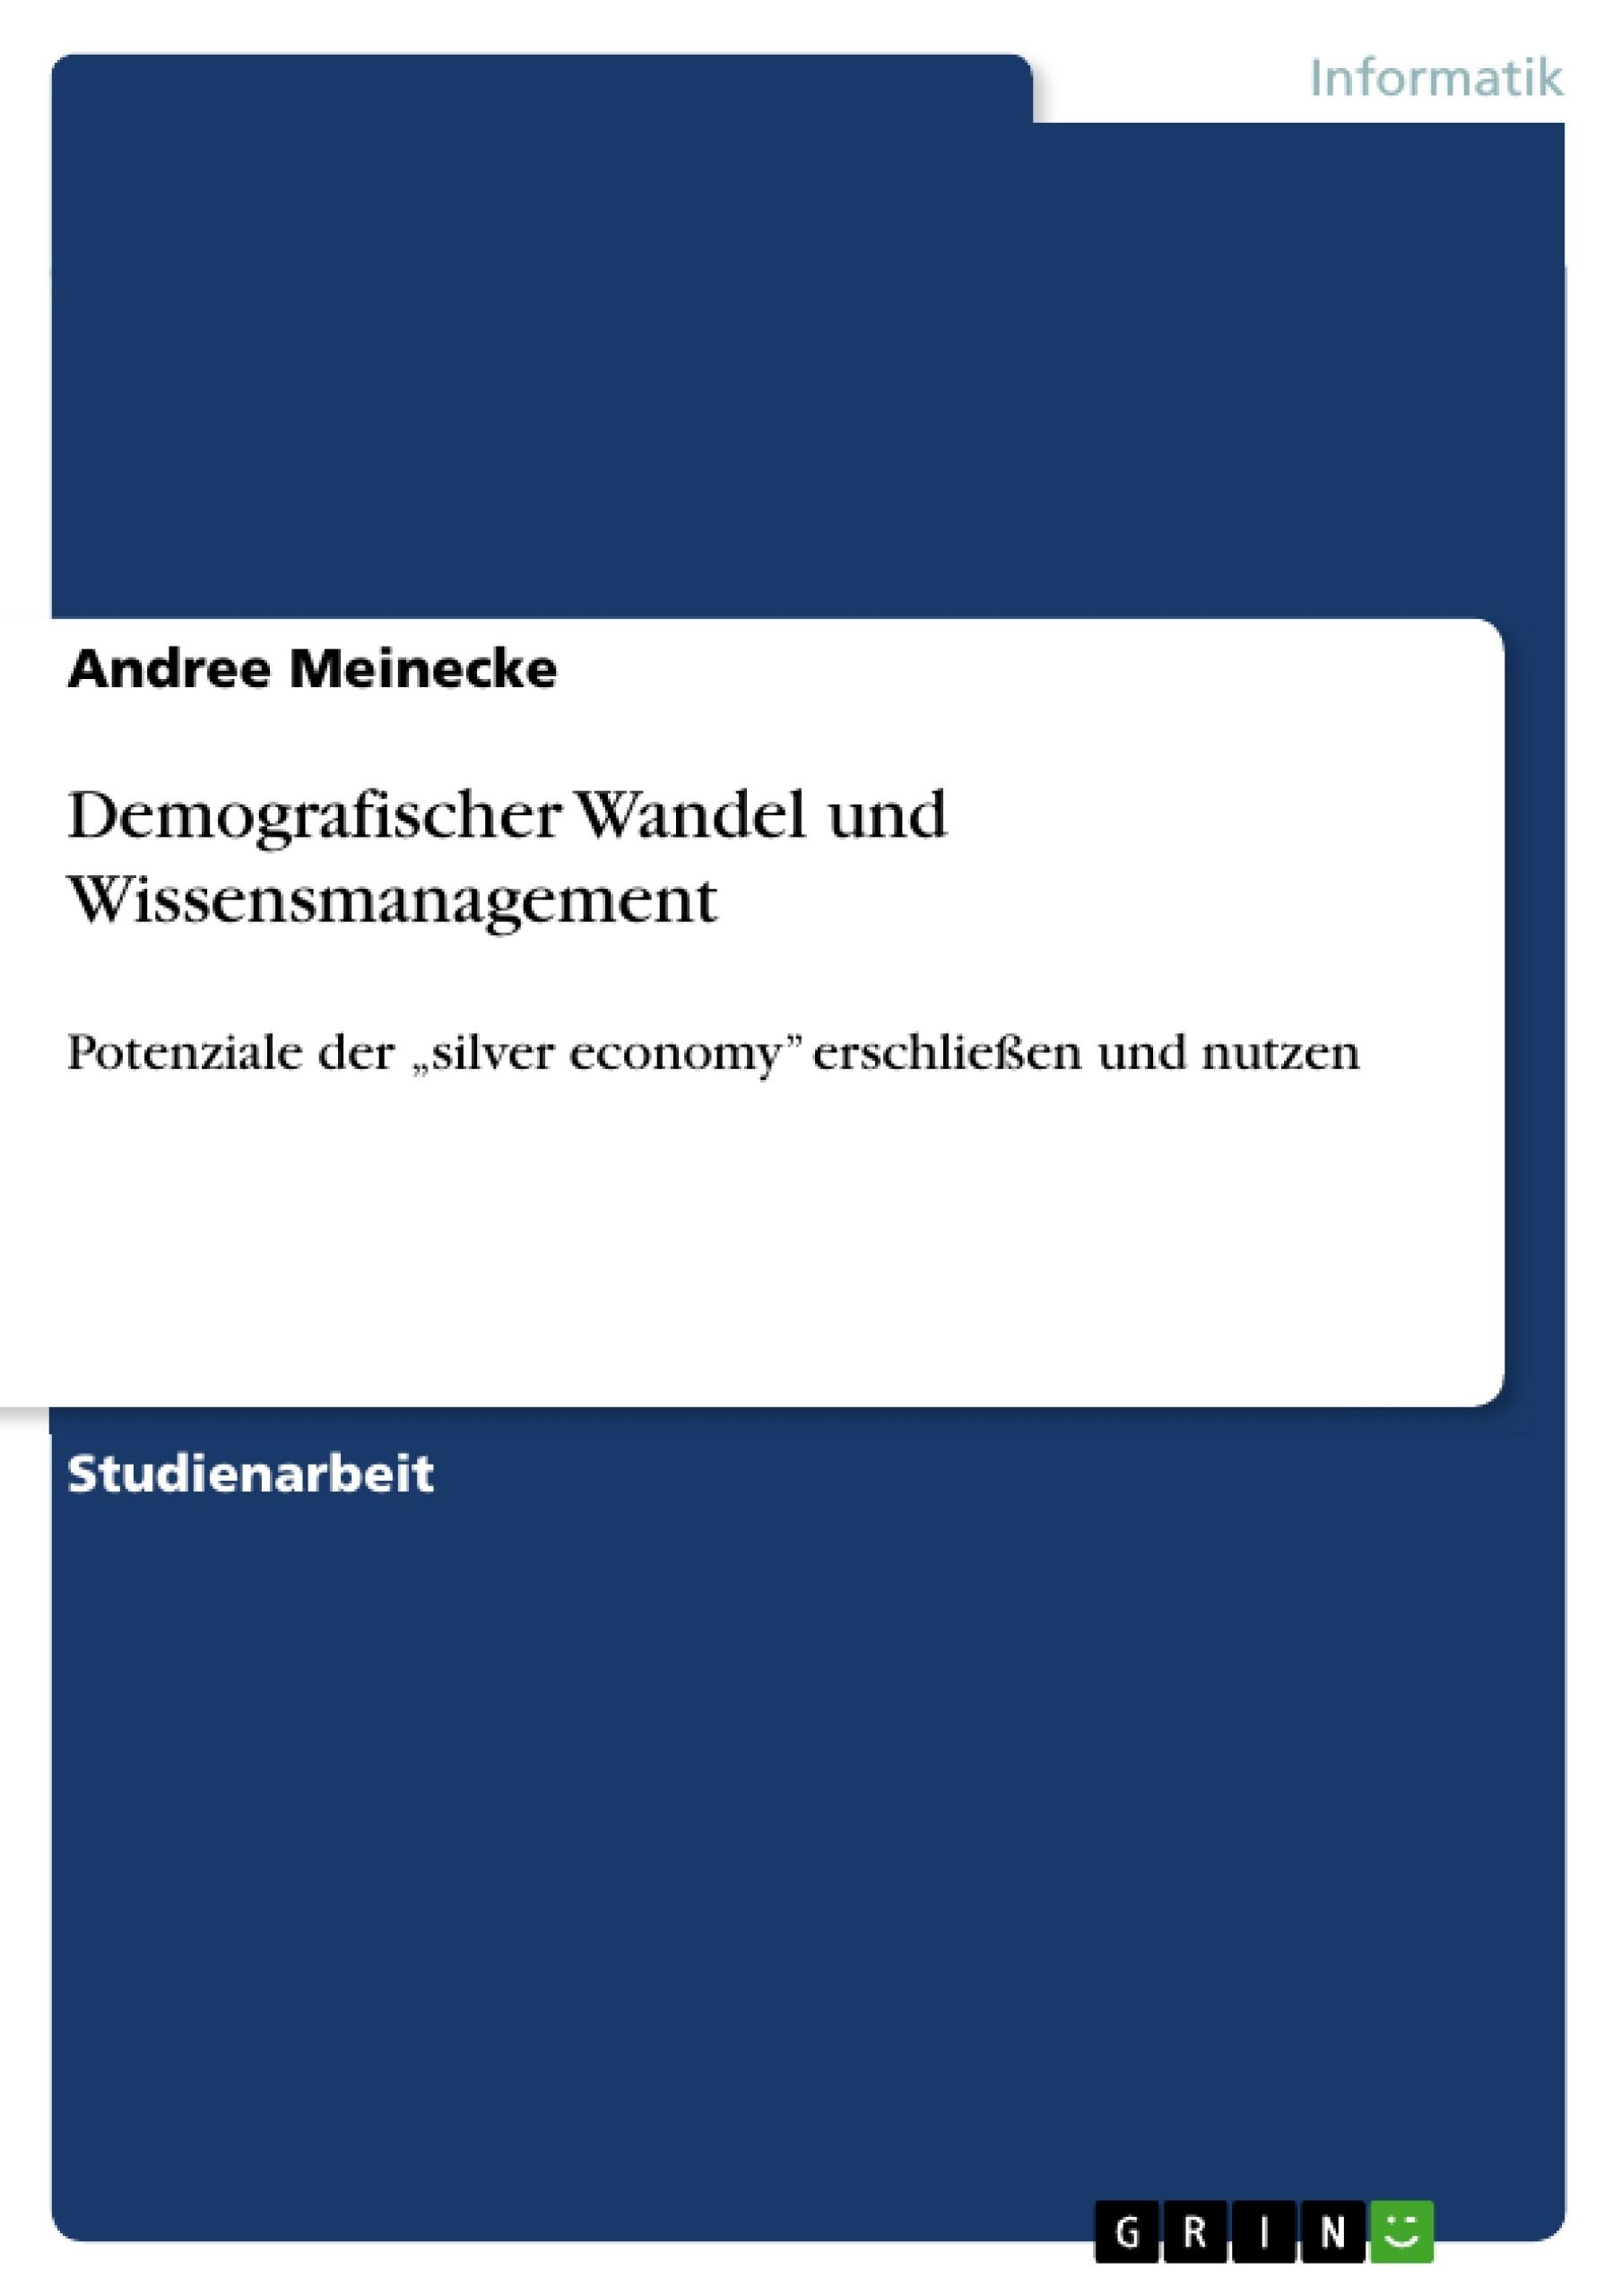 Titel: Demografischer Wandel und Wissensmanagement